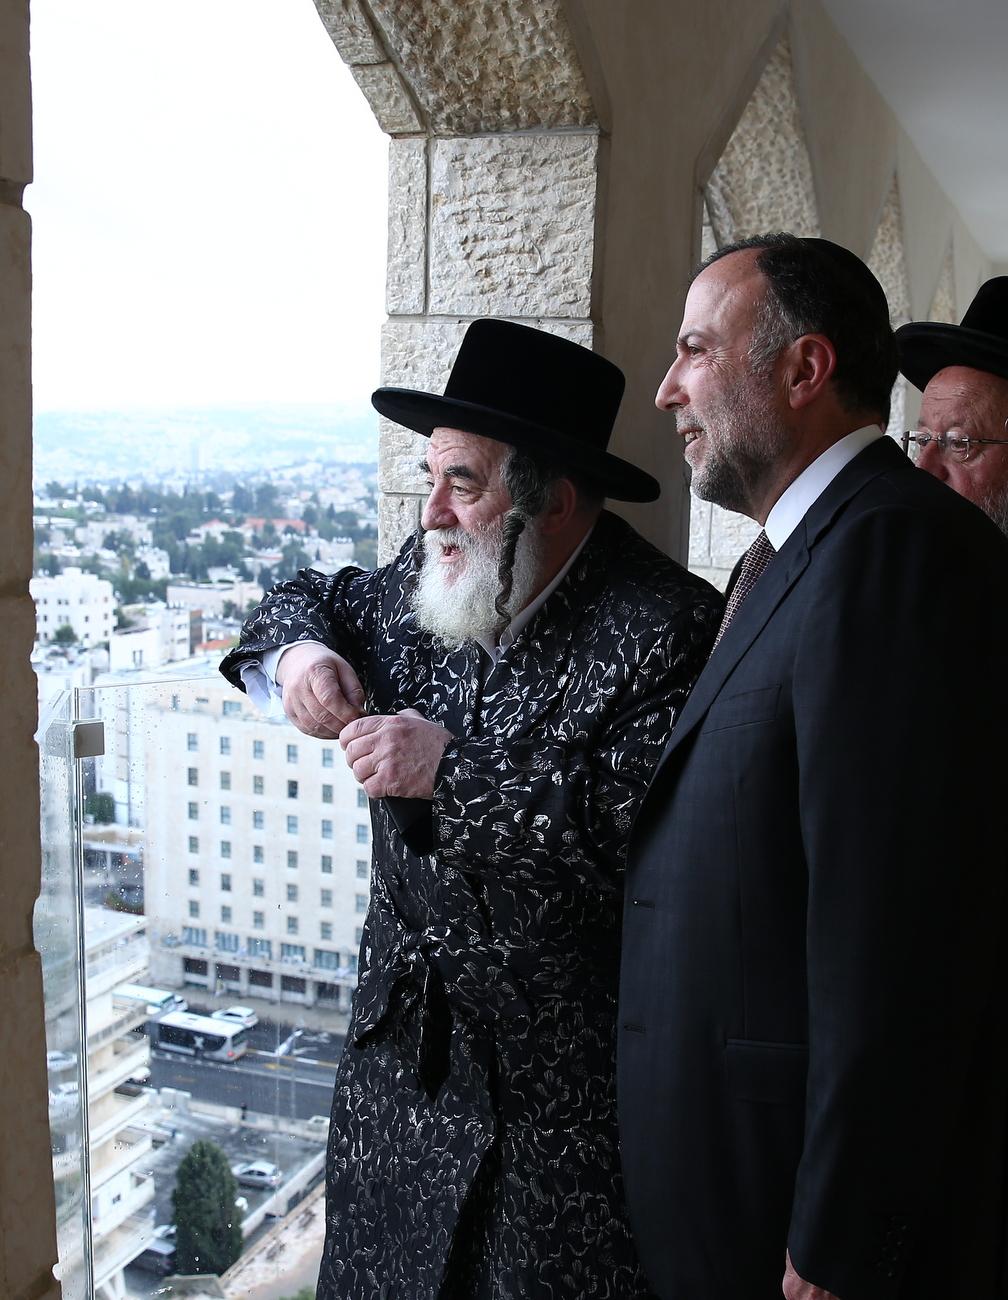 הרבי השקיף עם המיליונר מהקומה ה-22, לעבר מקום המקדש • צפו